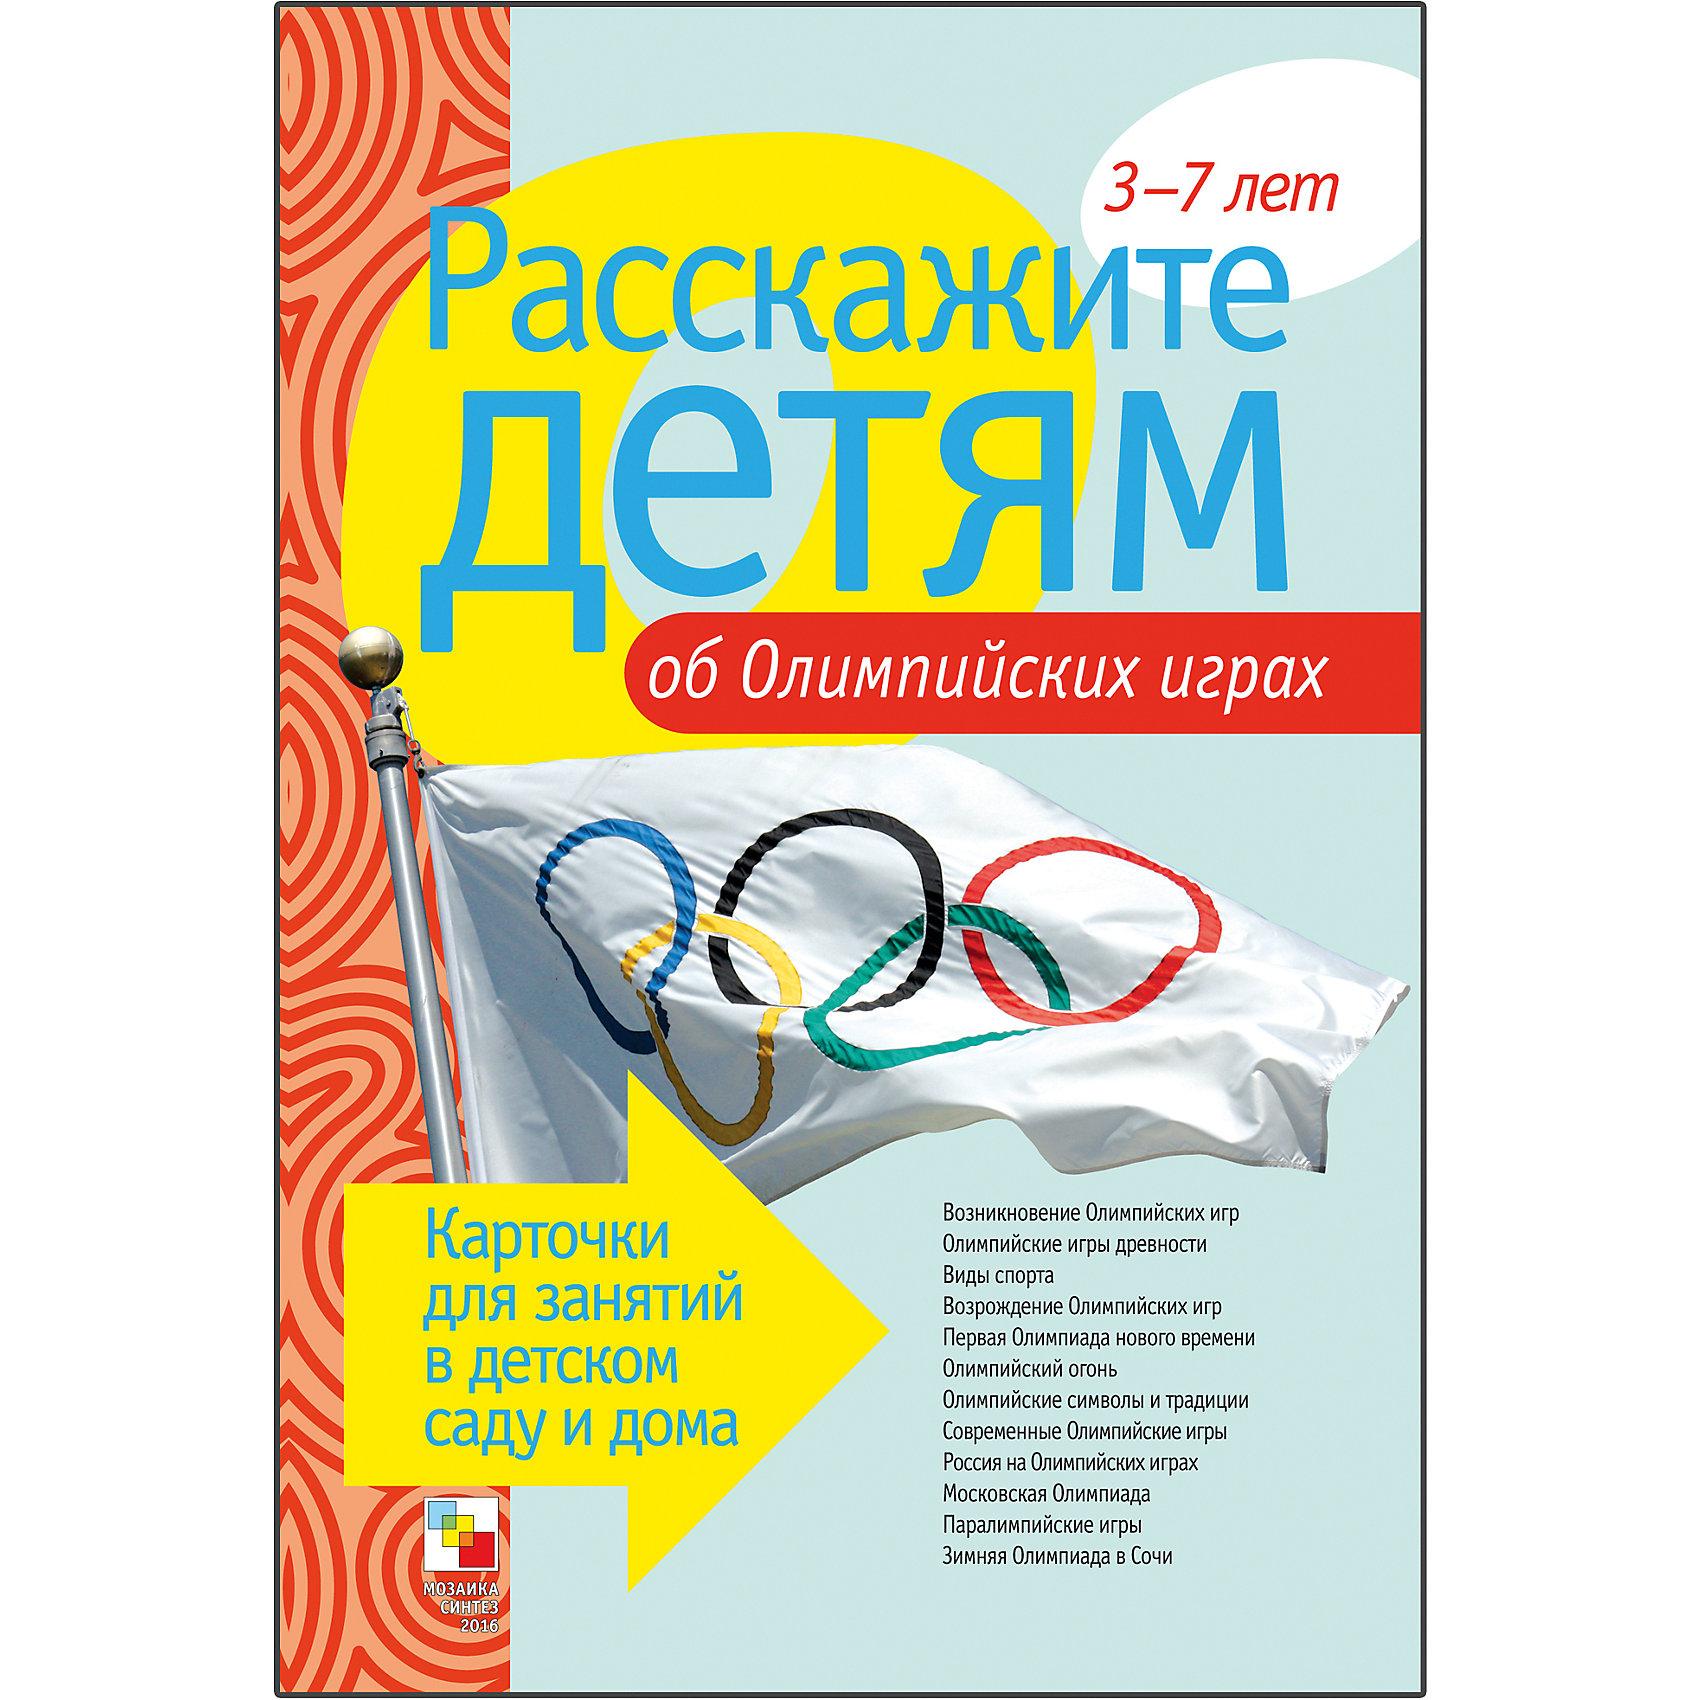 Карточки Расскажите детям об Олимпийских играх, Мозаика-СинтезРазвивающие игры<br>Пособие Расскажите детям об Олимпийских играх, Мозаика-Синтез<br><br>Характеристики:<br><br>• Издательство: МОЗАИКА-СИНТЕЗ<br>• ISBN: 9785431503450<br>• Тип: папка с карточками, обложка твердая.<br>• Возраст: от 3-7 лет.<br>• Размер книги: 210х150х5 мм.<br>• Количество страниц: 24<br><br>Расскажите детям об Олимпийских играх.<br>Наглядное пособие с красочными фотографиями поможет Вам рассказать малышам об Олимпийских играх.Они узнают много нового и интересного о возникновении Олимпийских игр, о том, как игры проводились в Древней Греции и какие дисциплины были в их программе, кто такой барон Пьер де Кубертен и как прошла первая Олимпиада современности. <br><br>Пособие расскажет о церемонии зажжения огня в Олимпии, о том, что символизируют пять колец на флаге Олимпийских игр, о московской Олимпиаде 1980 года, о паралимпийских играх и о предстоящей Олимпиаде 2014 года в г. Сочи. На оборотной стороне карточек <br><br>Вы найдете содержательную информацию, сопровождаемую стихами древних и современных поэтов. Эта информация поможет сделать ваш рассказ увлекательным и познавательным для каждого малыша.<br><br>Пособие Расскажите детям об Олимпийских играх, Мозаика-Синтез, можно купить в нашем интернет – магазине.<br><br>Ширина мм: 5<br>Глубина мм: 150<br>Высота мм: 210<br>Вес г: 102<br>Возраст от месяцев: 36<br>Возраст до месяцев: 84<br>Пол: Унисекс<br>Возраст: Детский<br>SKU: 5428931